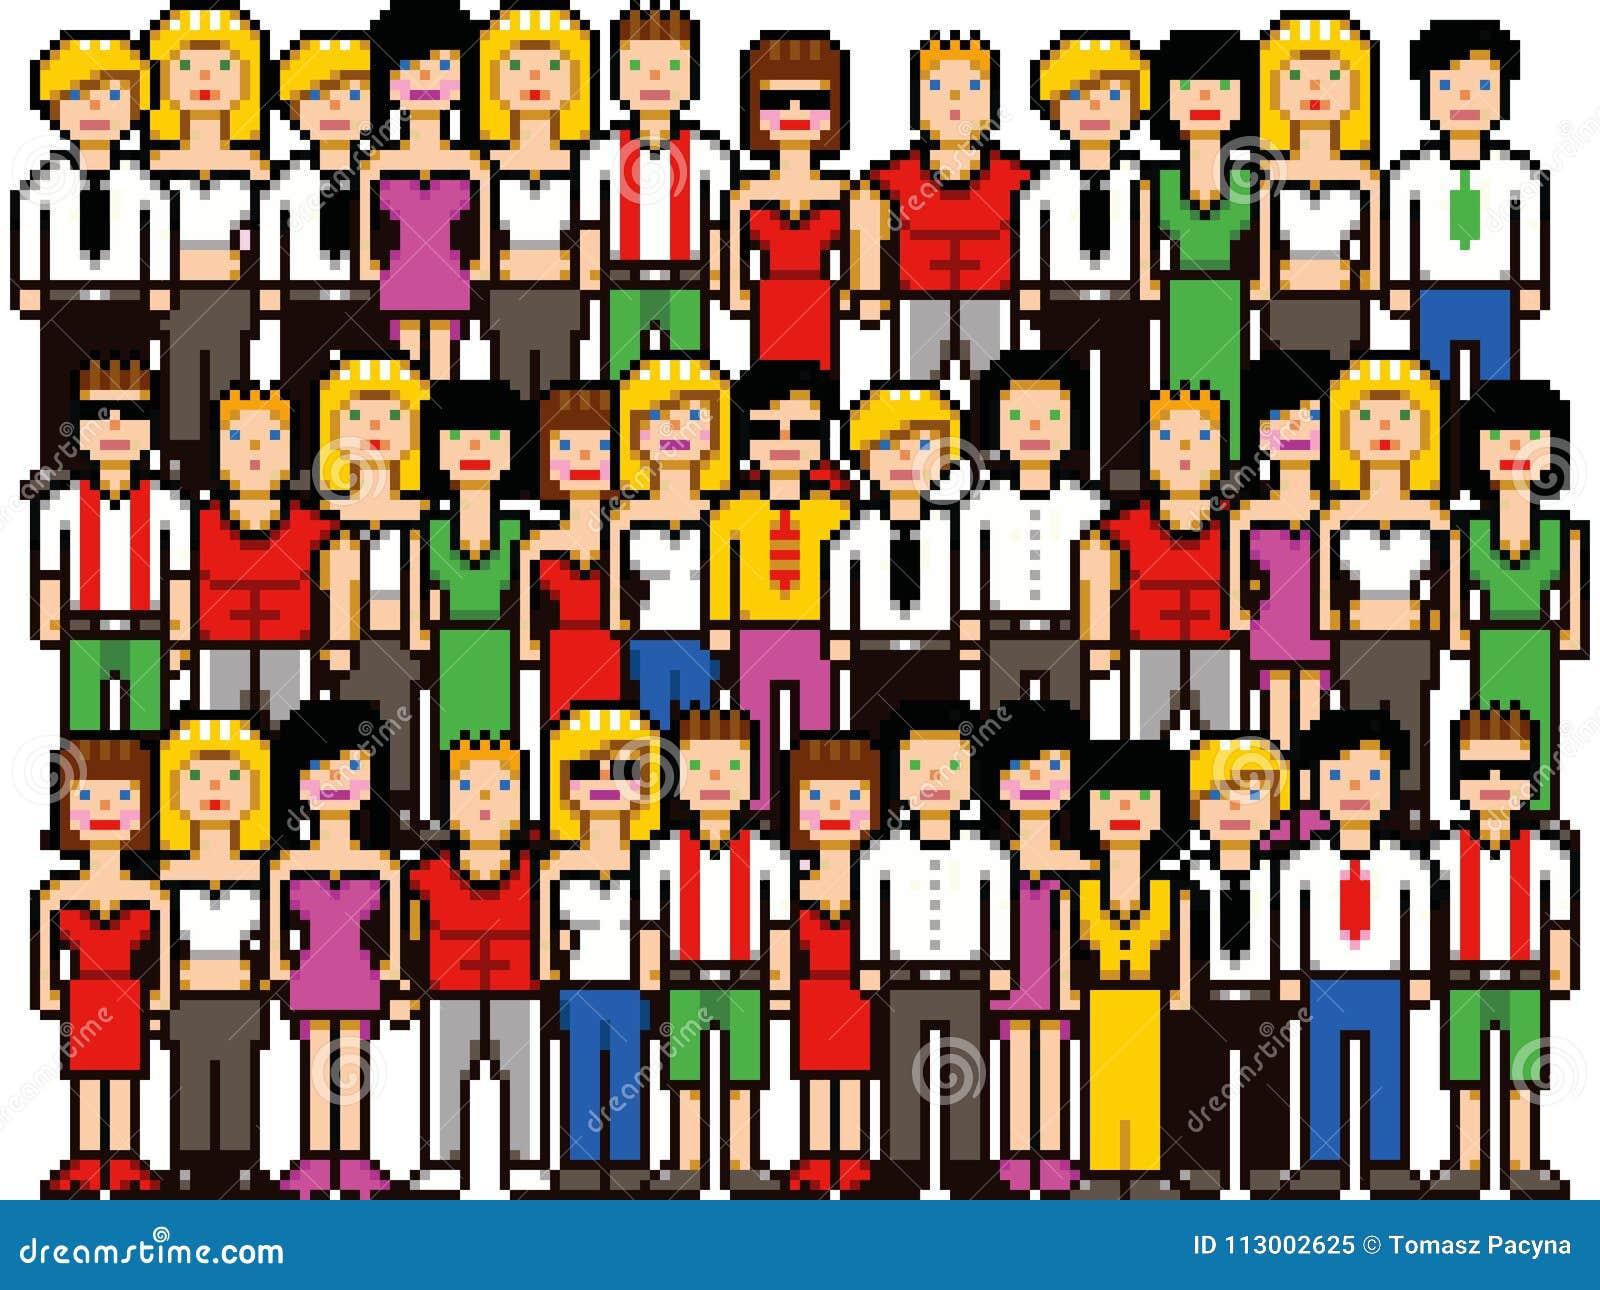 Set Of Pixel Art People Crowd Vector Illustration Stock Vector Illustration Of Group Pixel 113002625